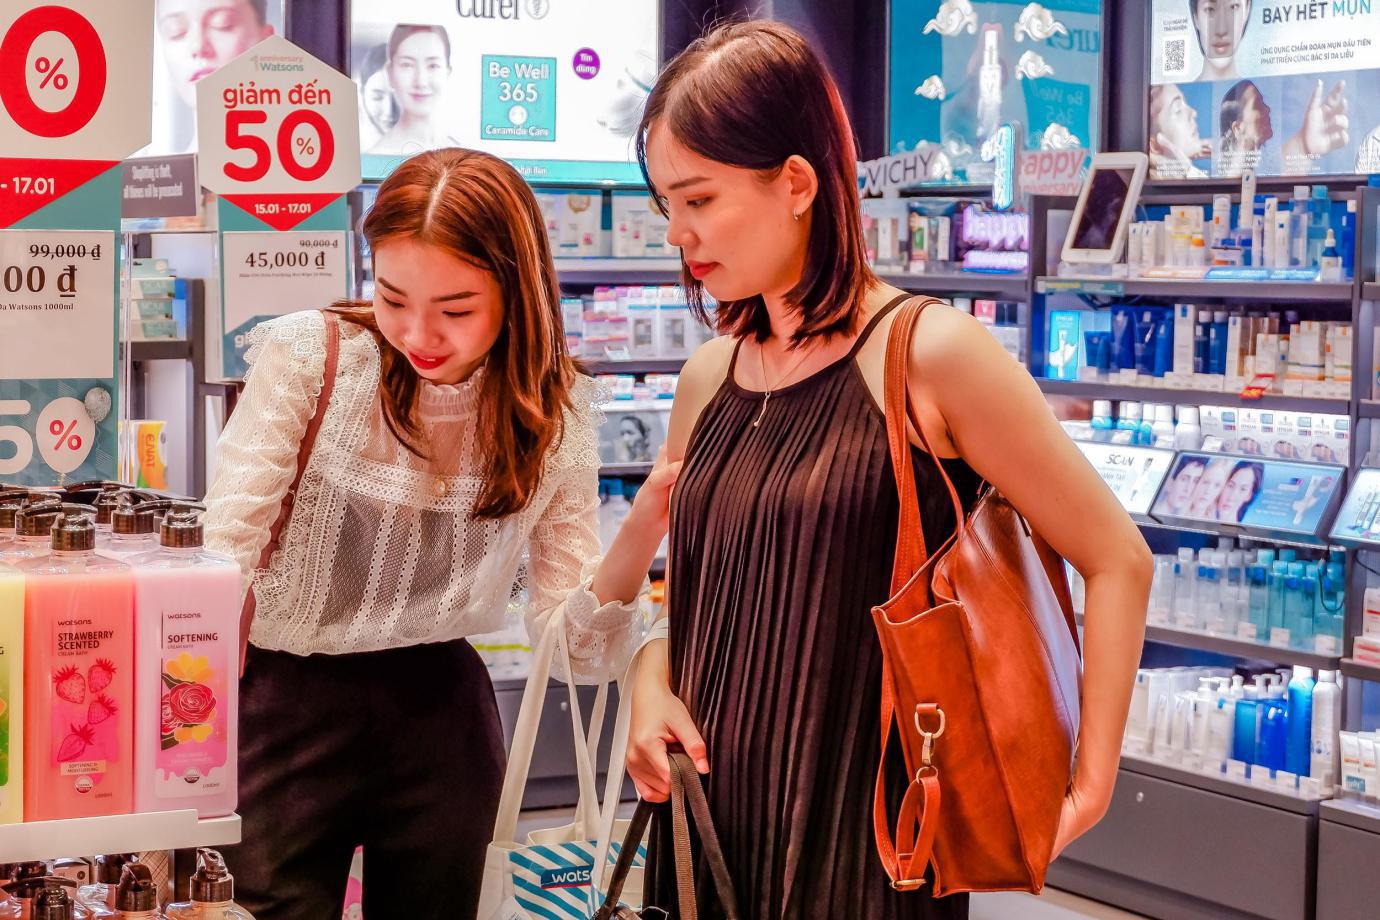 Kỉ niệm 1 năm có mặt tại Việt Nam, Watsons tri ân khách hàng với Private Sales xịn sò - Ảnh 2.